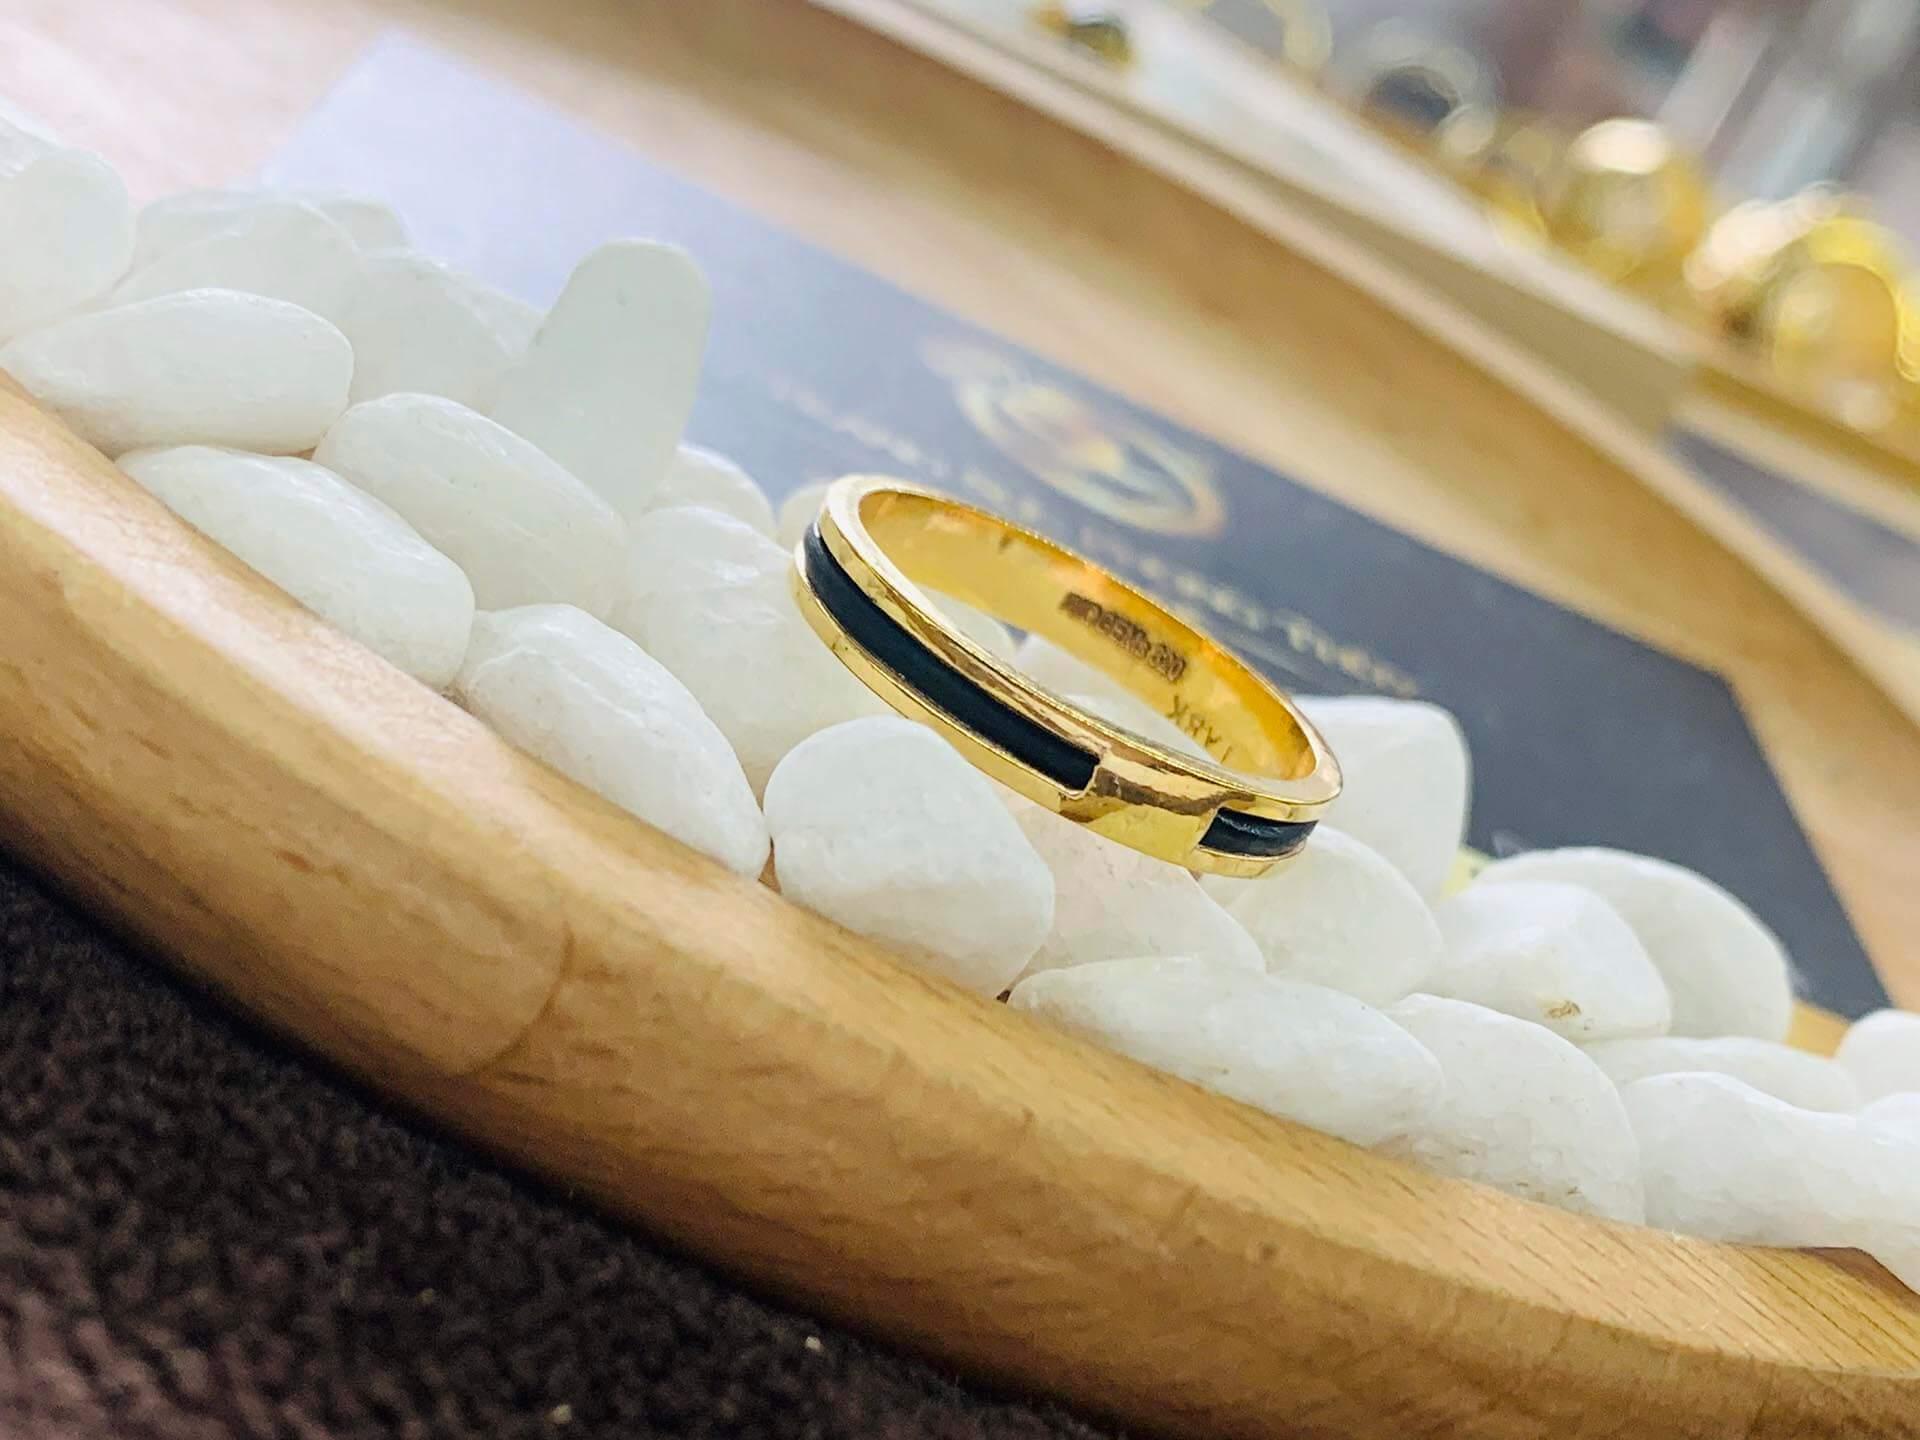 Nhẫn nữ vàng đeo ngón trỏ luồng 1 sợi lông voi thiết kế tinh tế